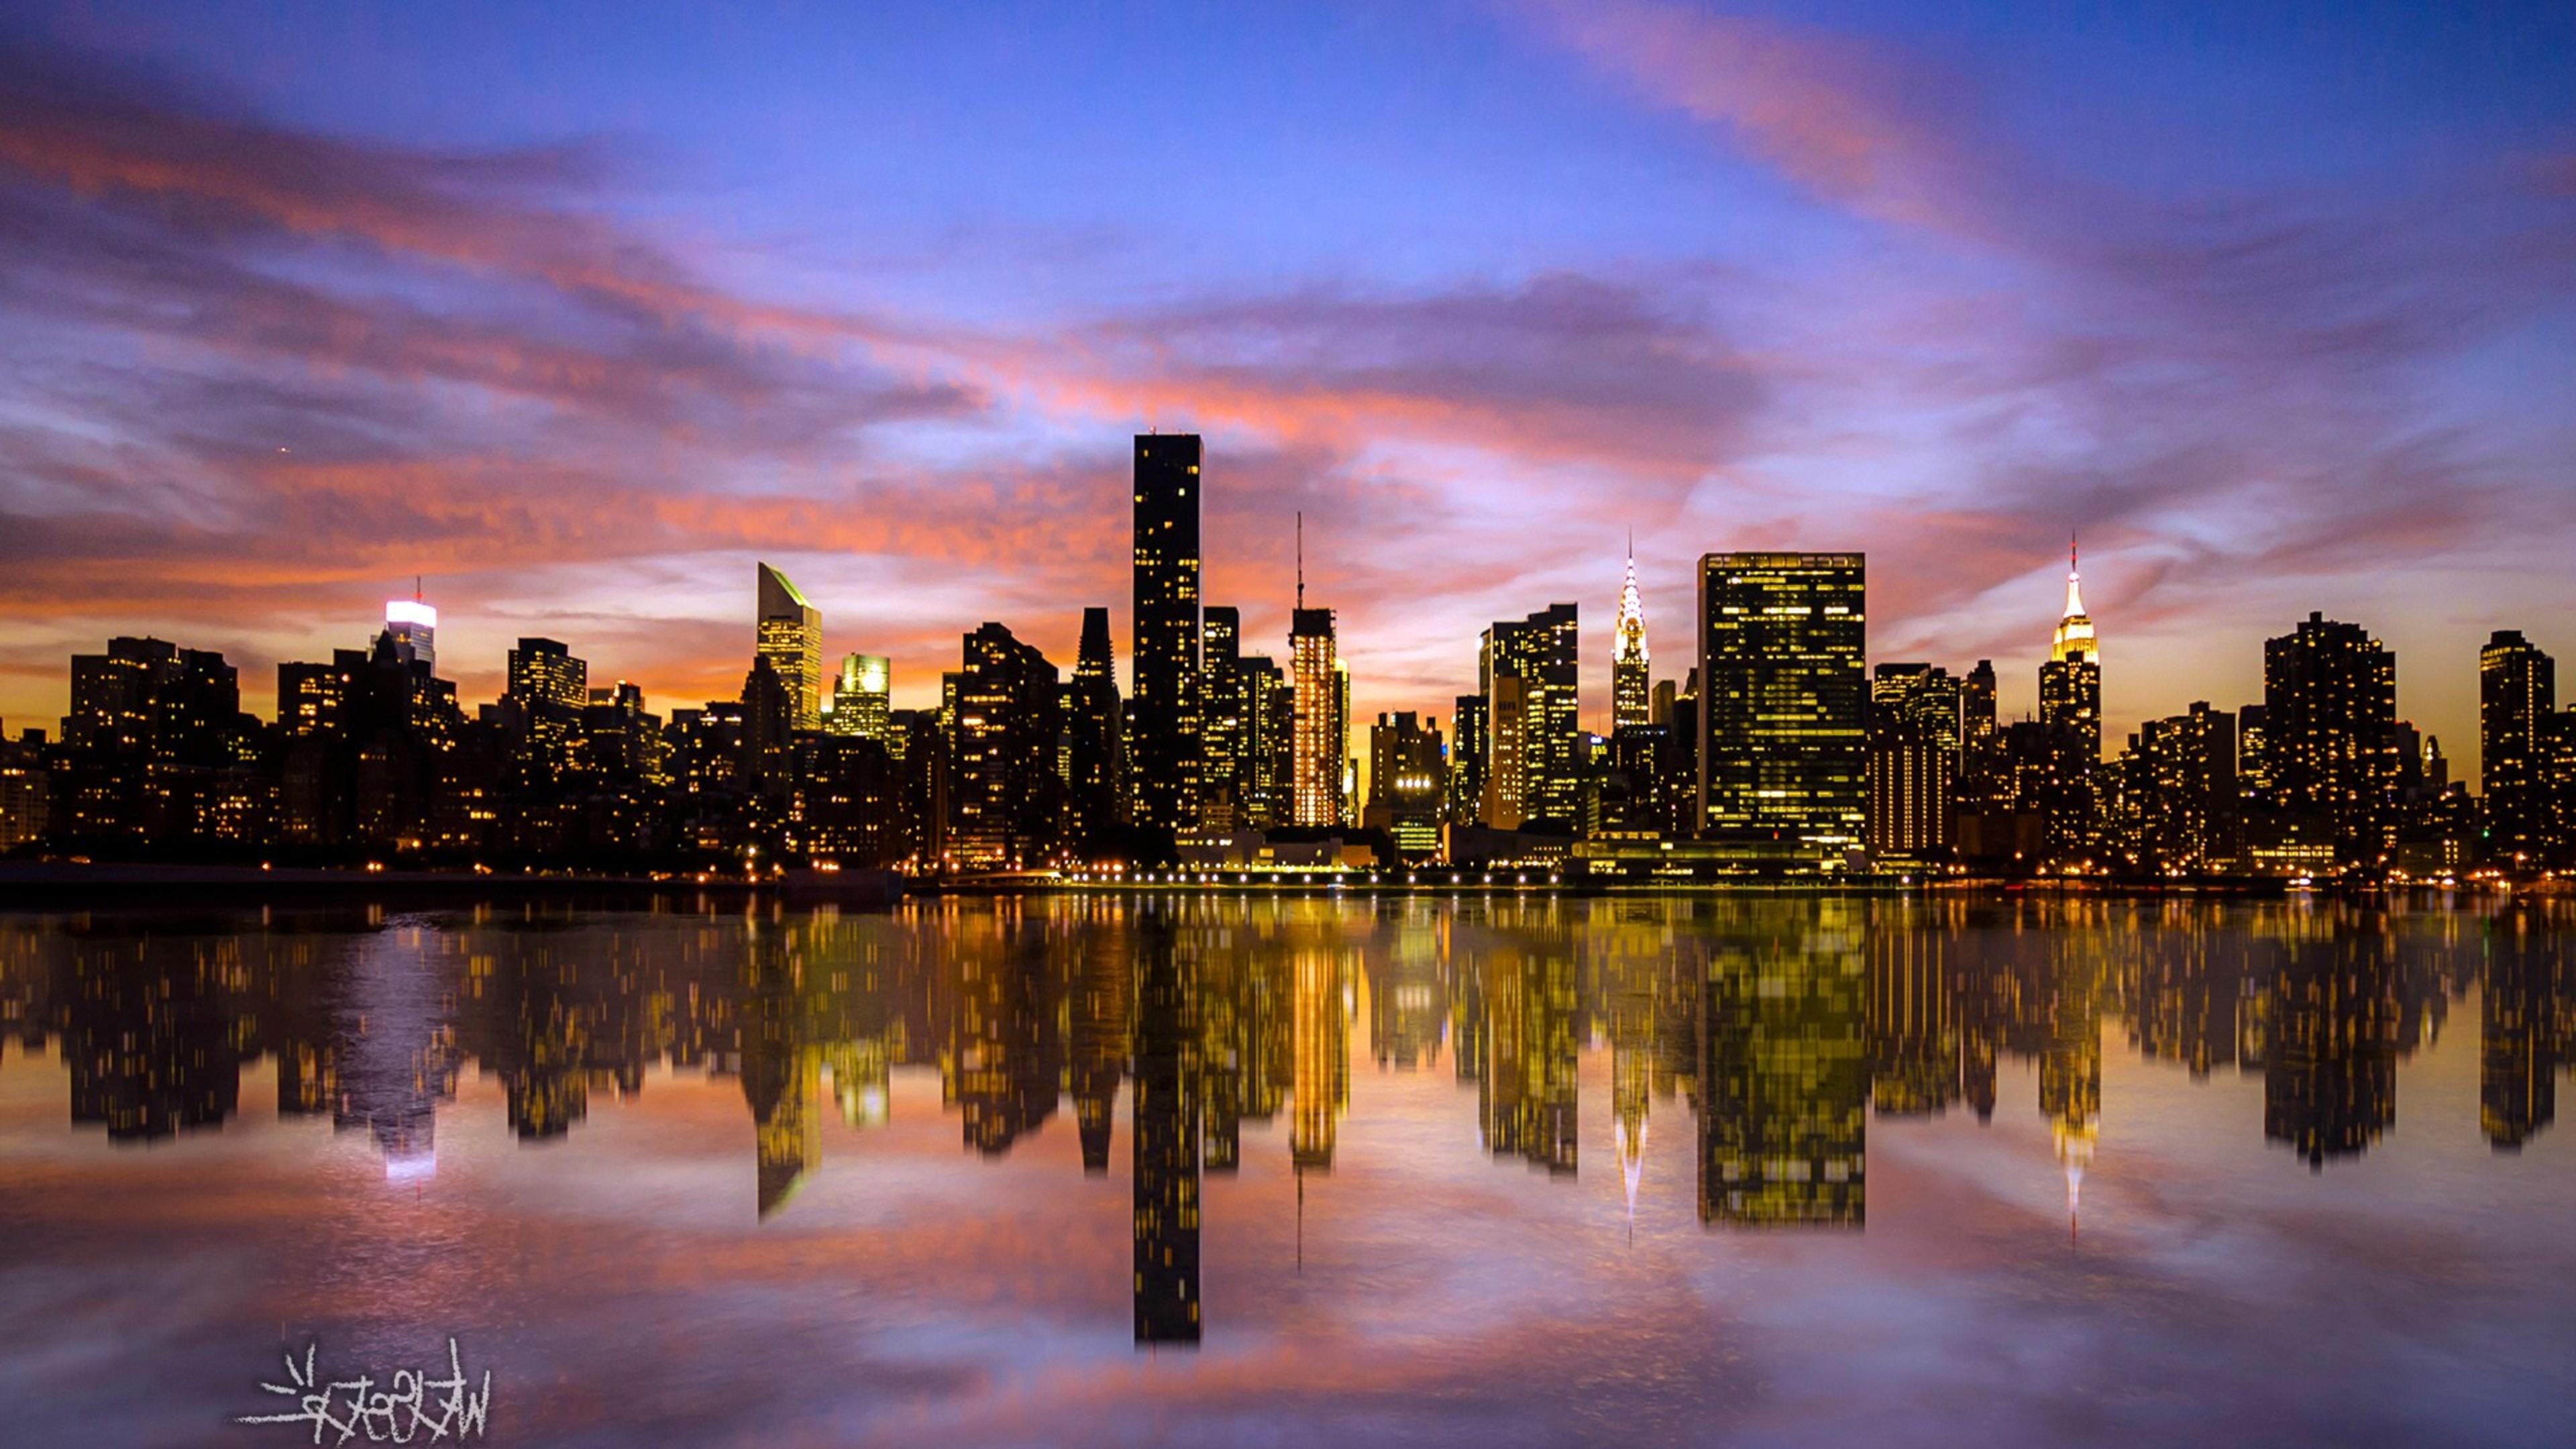 Wallpaper 4k Manhattan Sunset Desktop Beautiful Places Wallpapers Manhattan Wallpapers Nature Wallpapers Sunset Wallpapers World Wallpapers